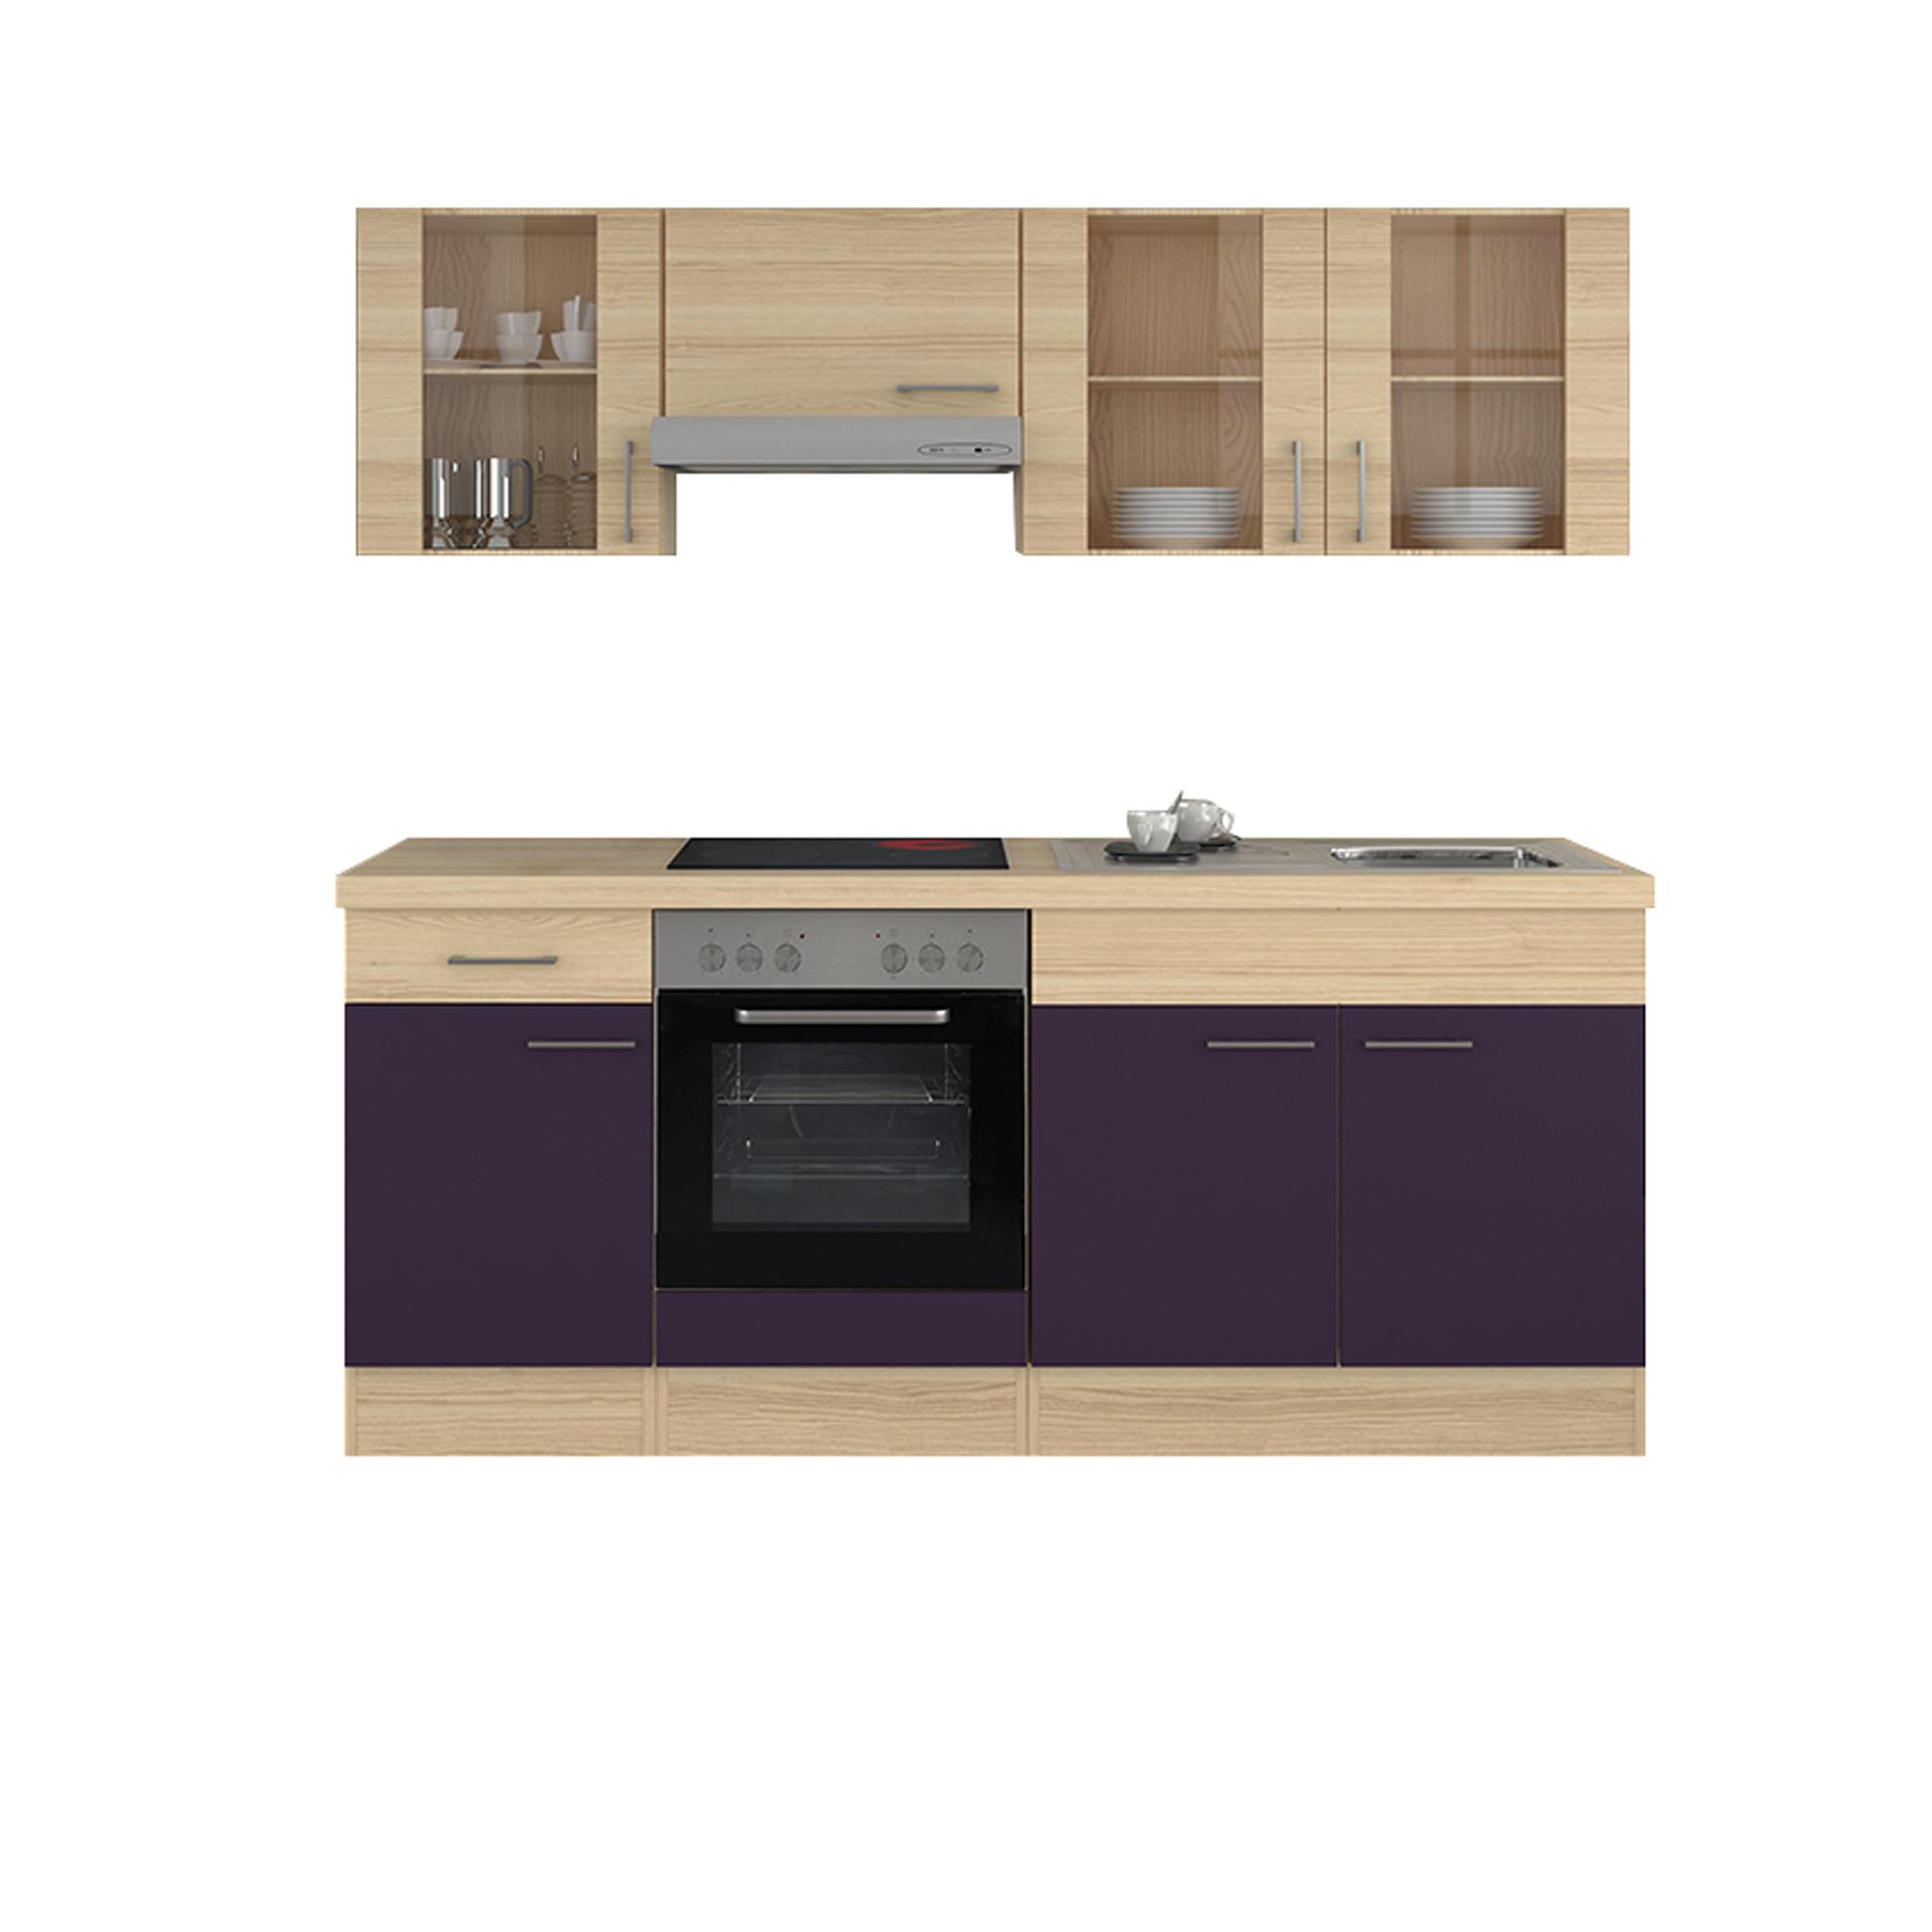 k chenzeile focus mit e ger ten und glash ngeschr nken 210 cm breit aubergine k che k chenzeilen. Black Bedroom Furniture Sets. Home Design Ideas